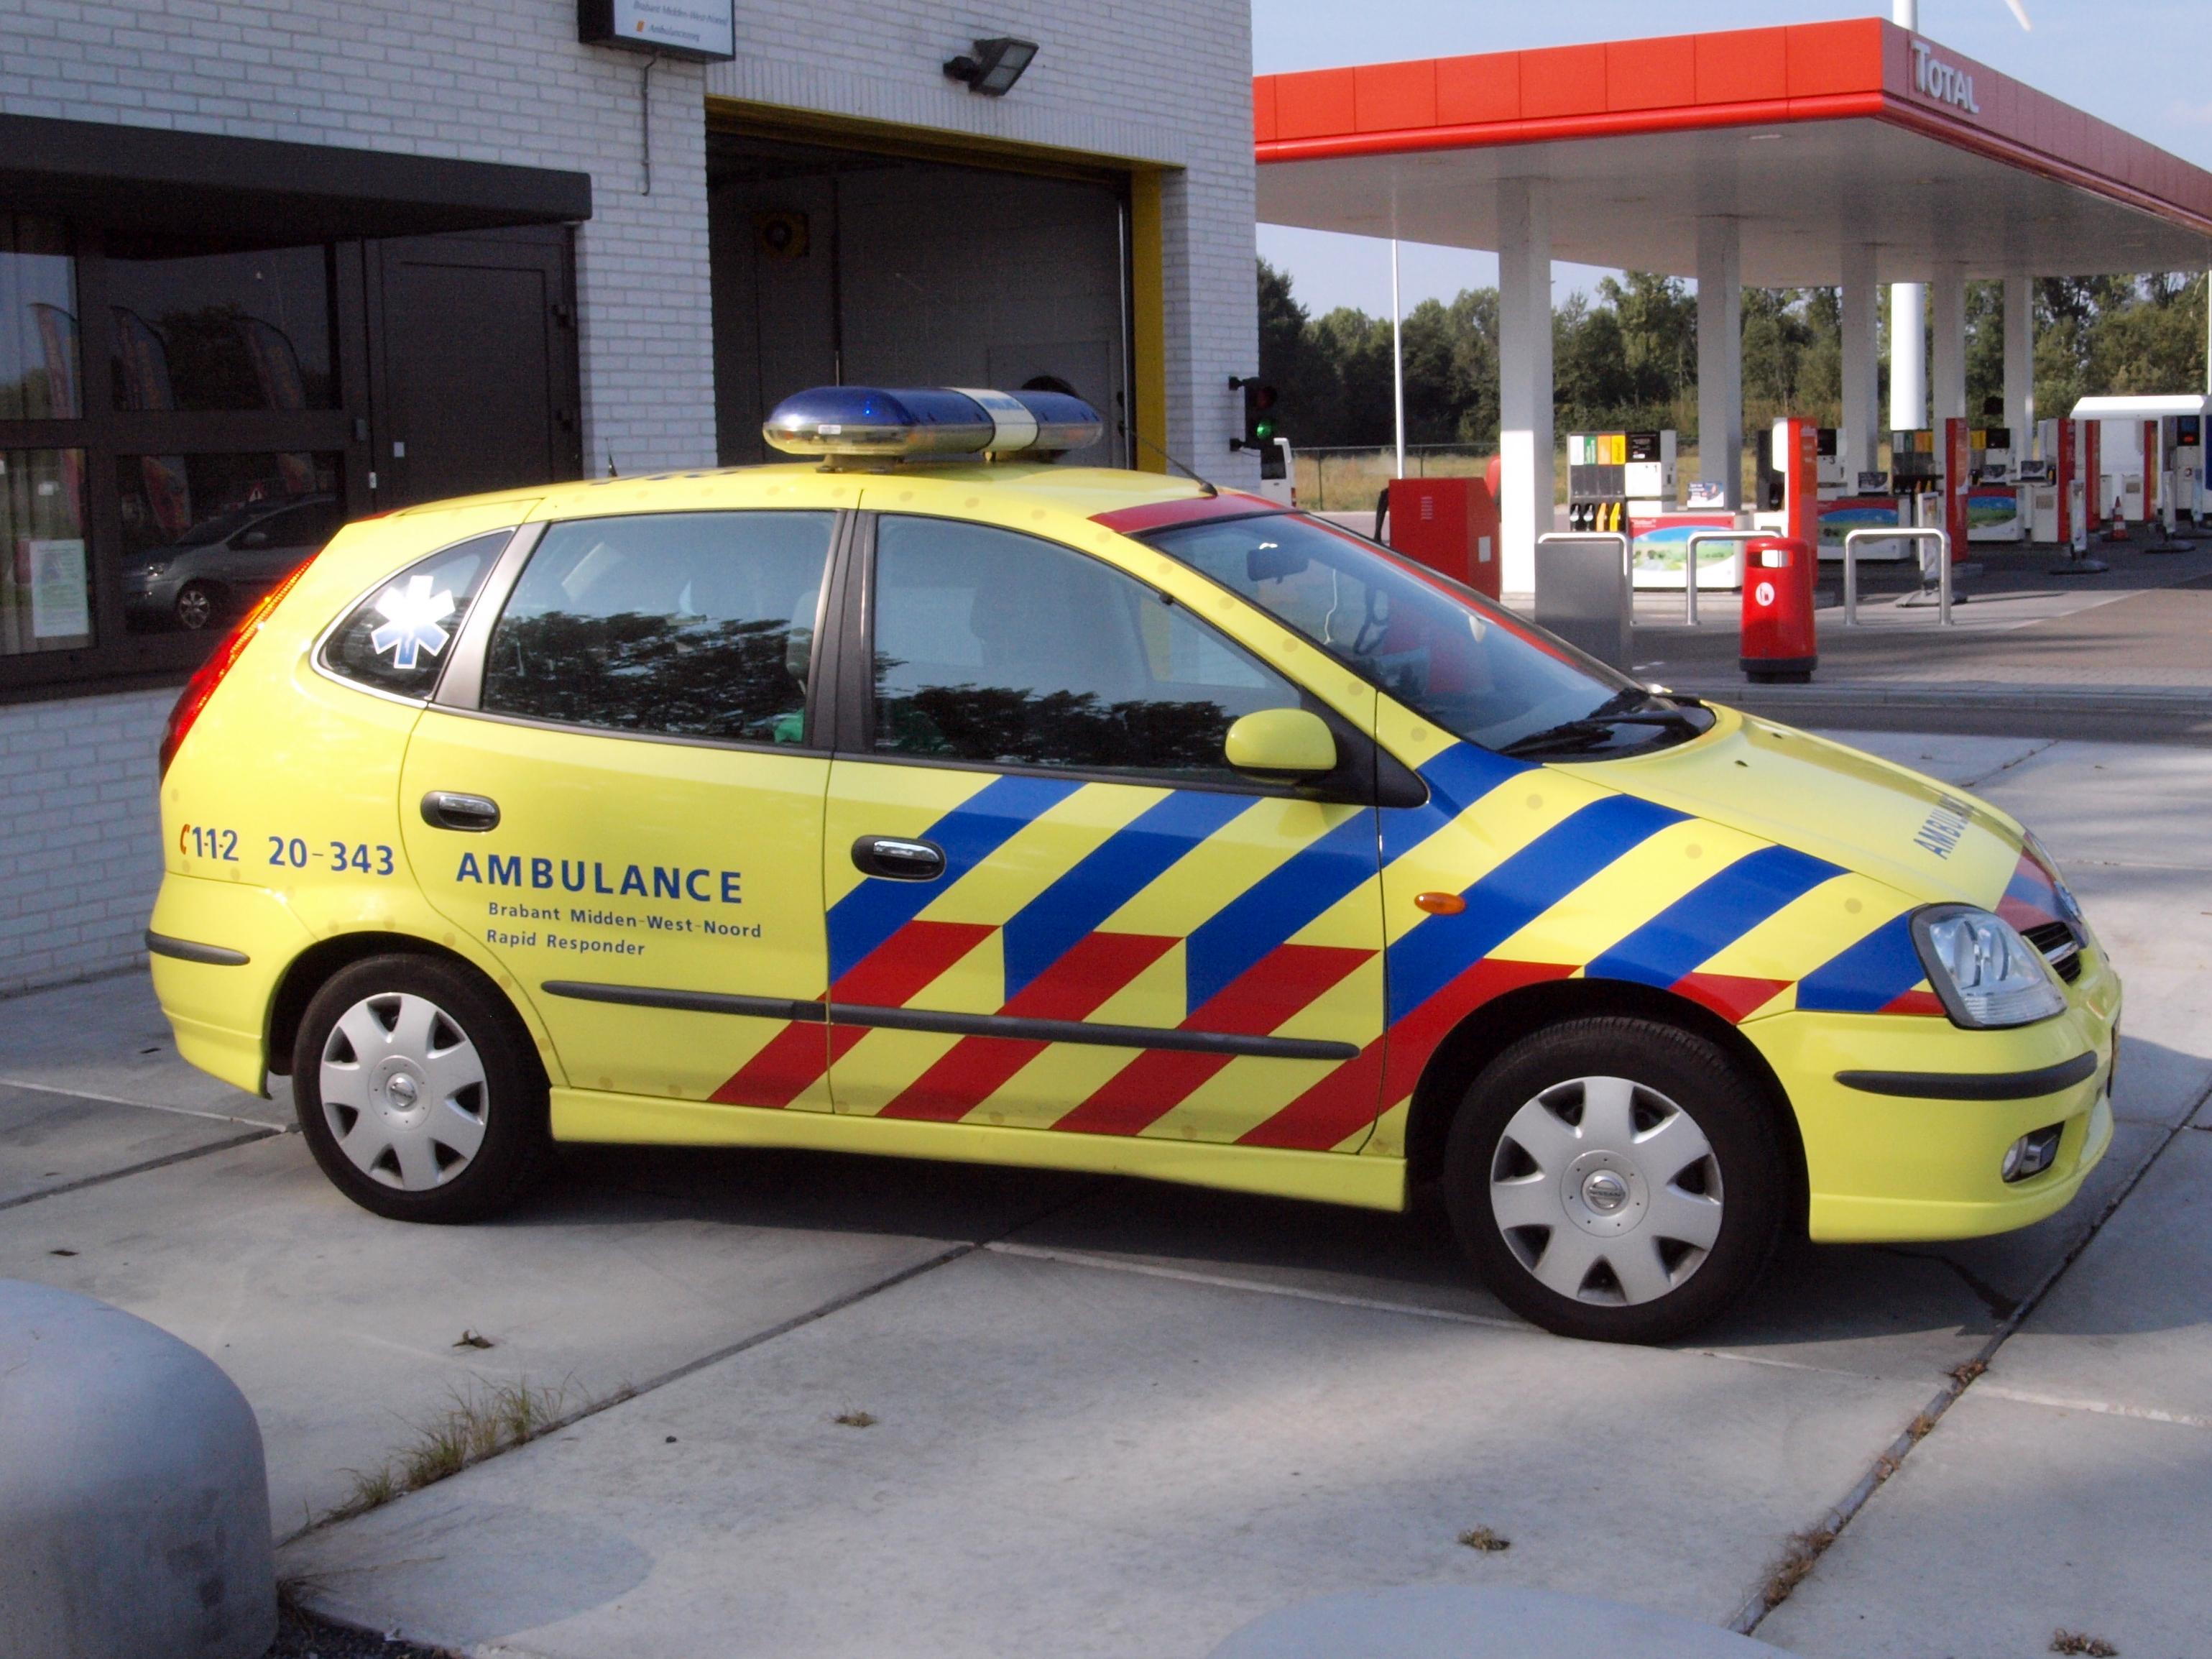 File Nissan Ambulance Brabant Midden West Noord Rapid